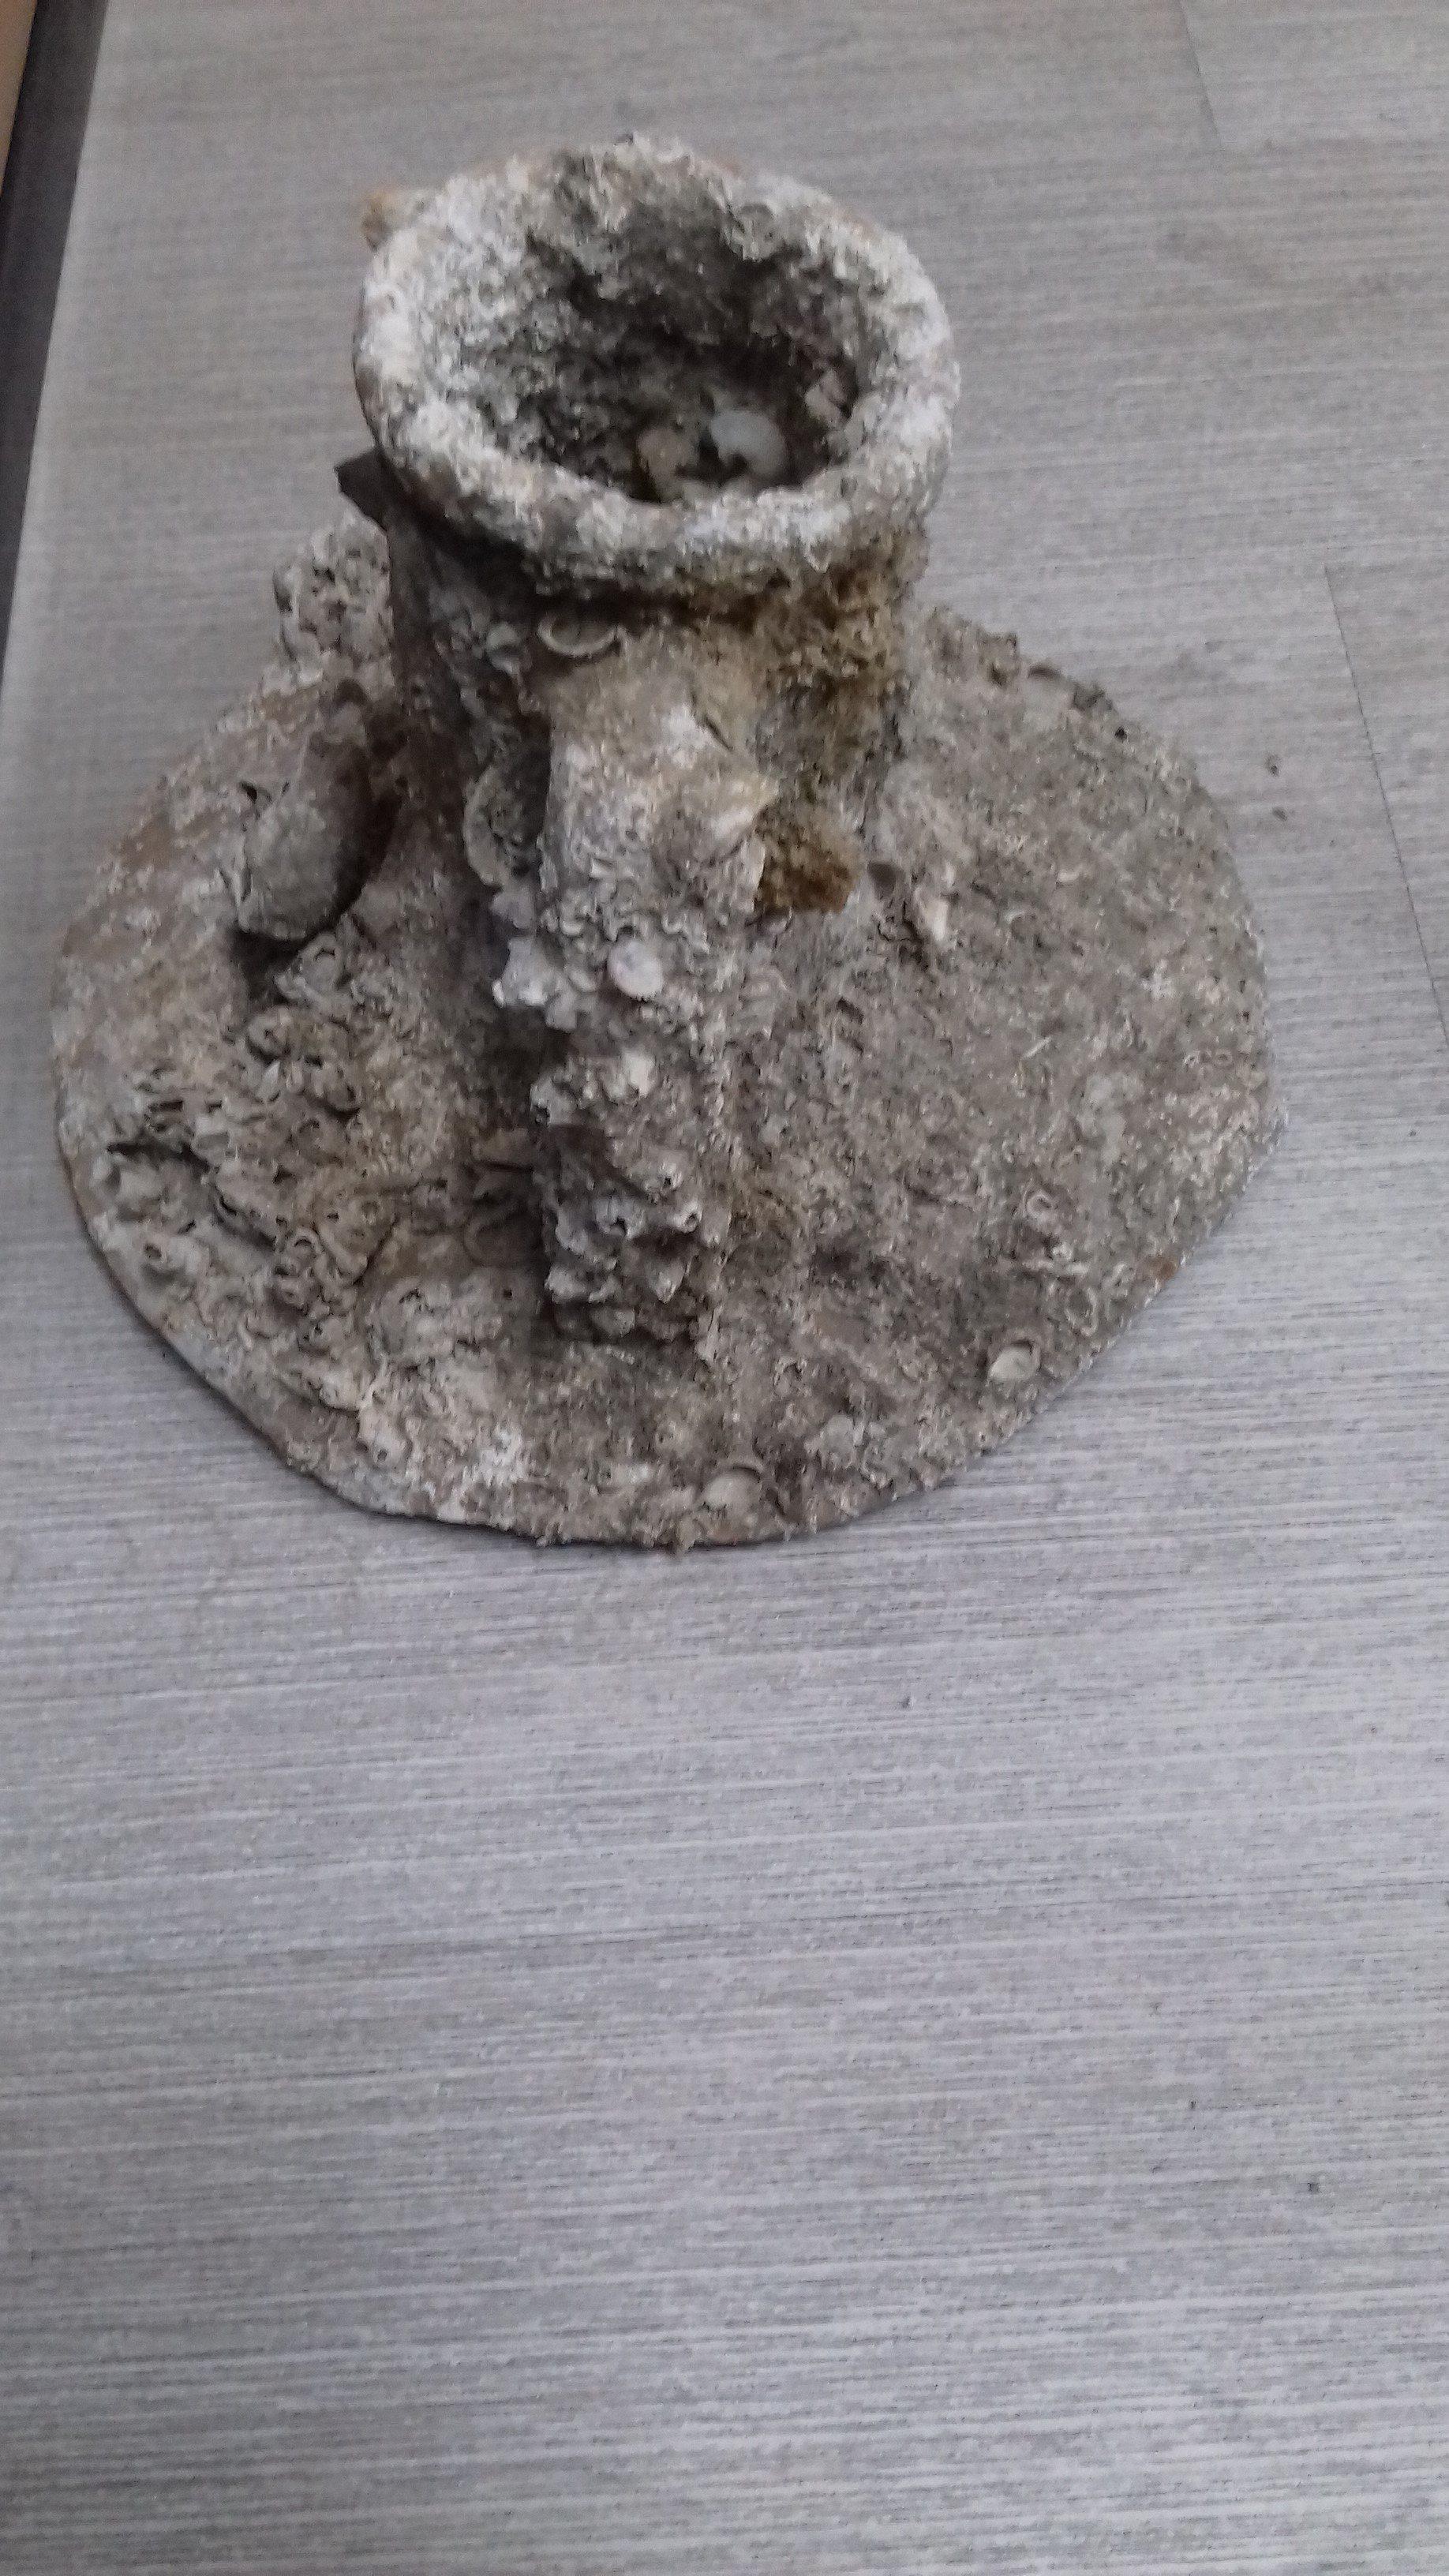 Ένα από τα αρχαία αντικείμενα που βρέθηκαν